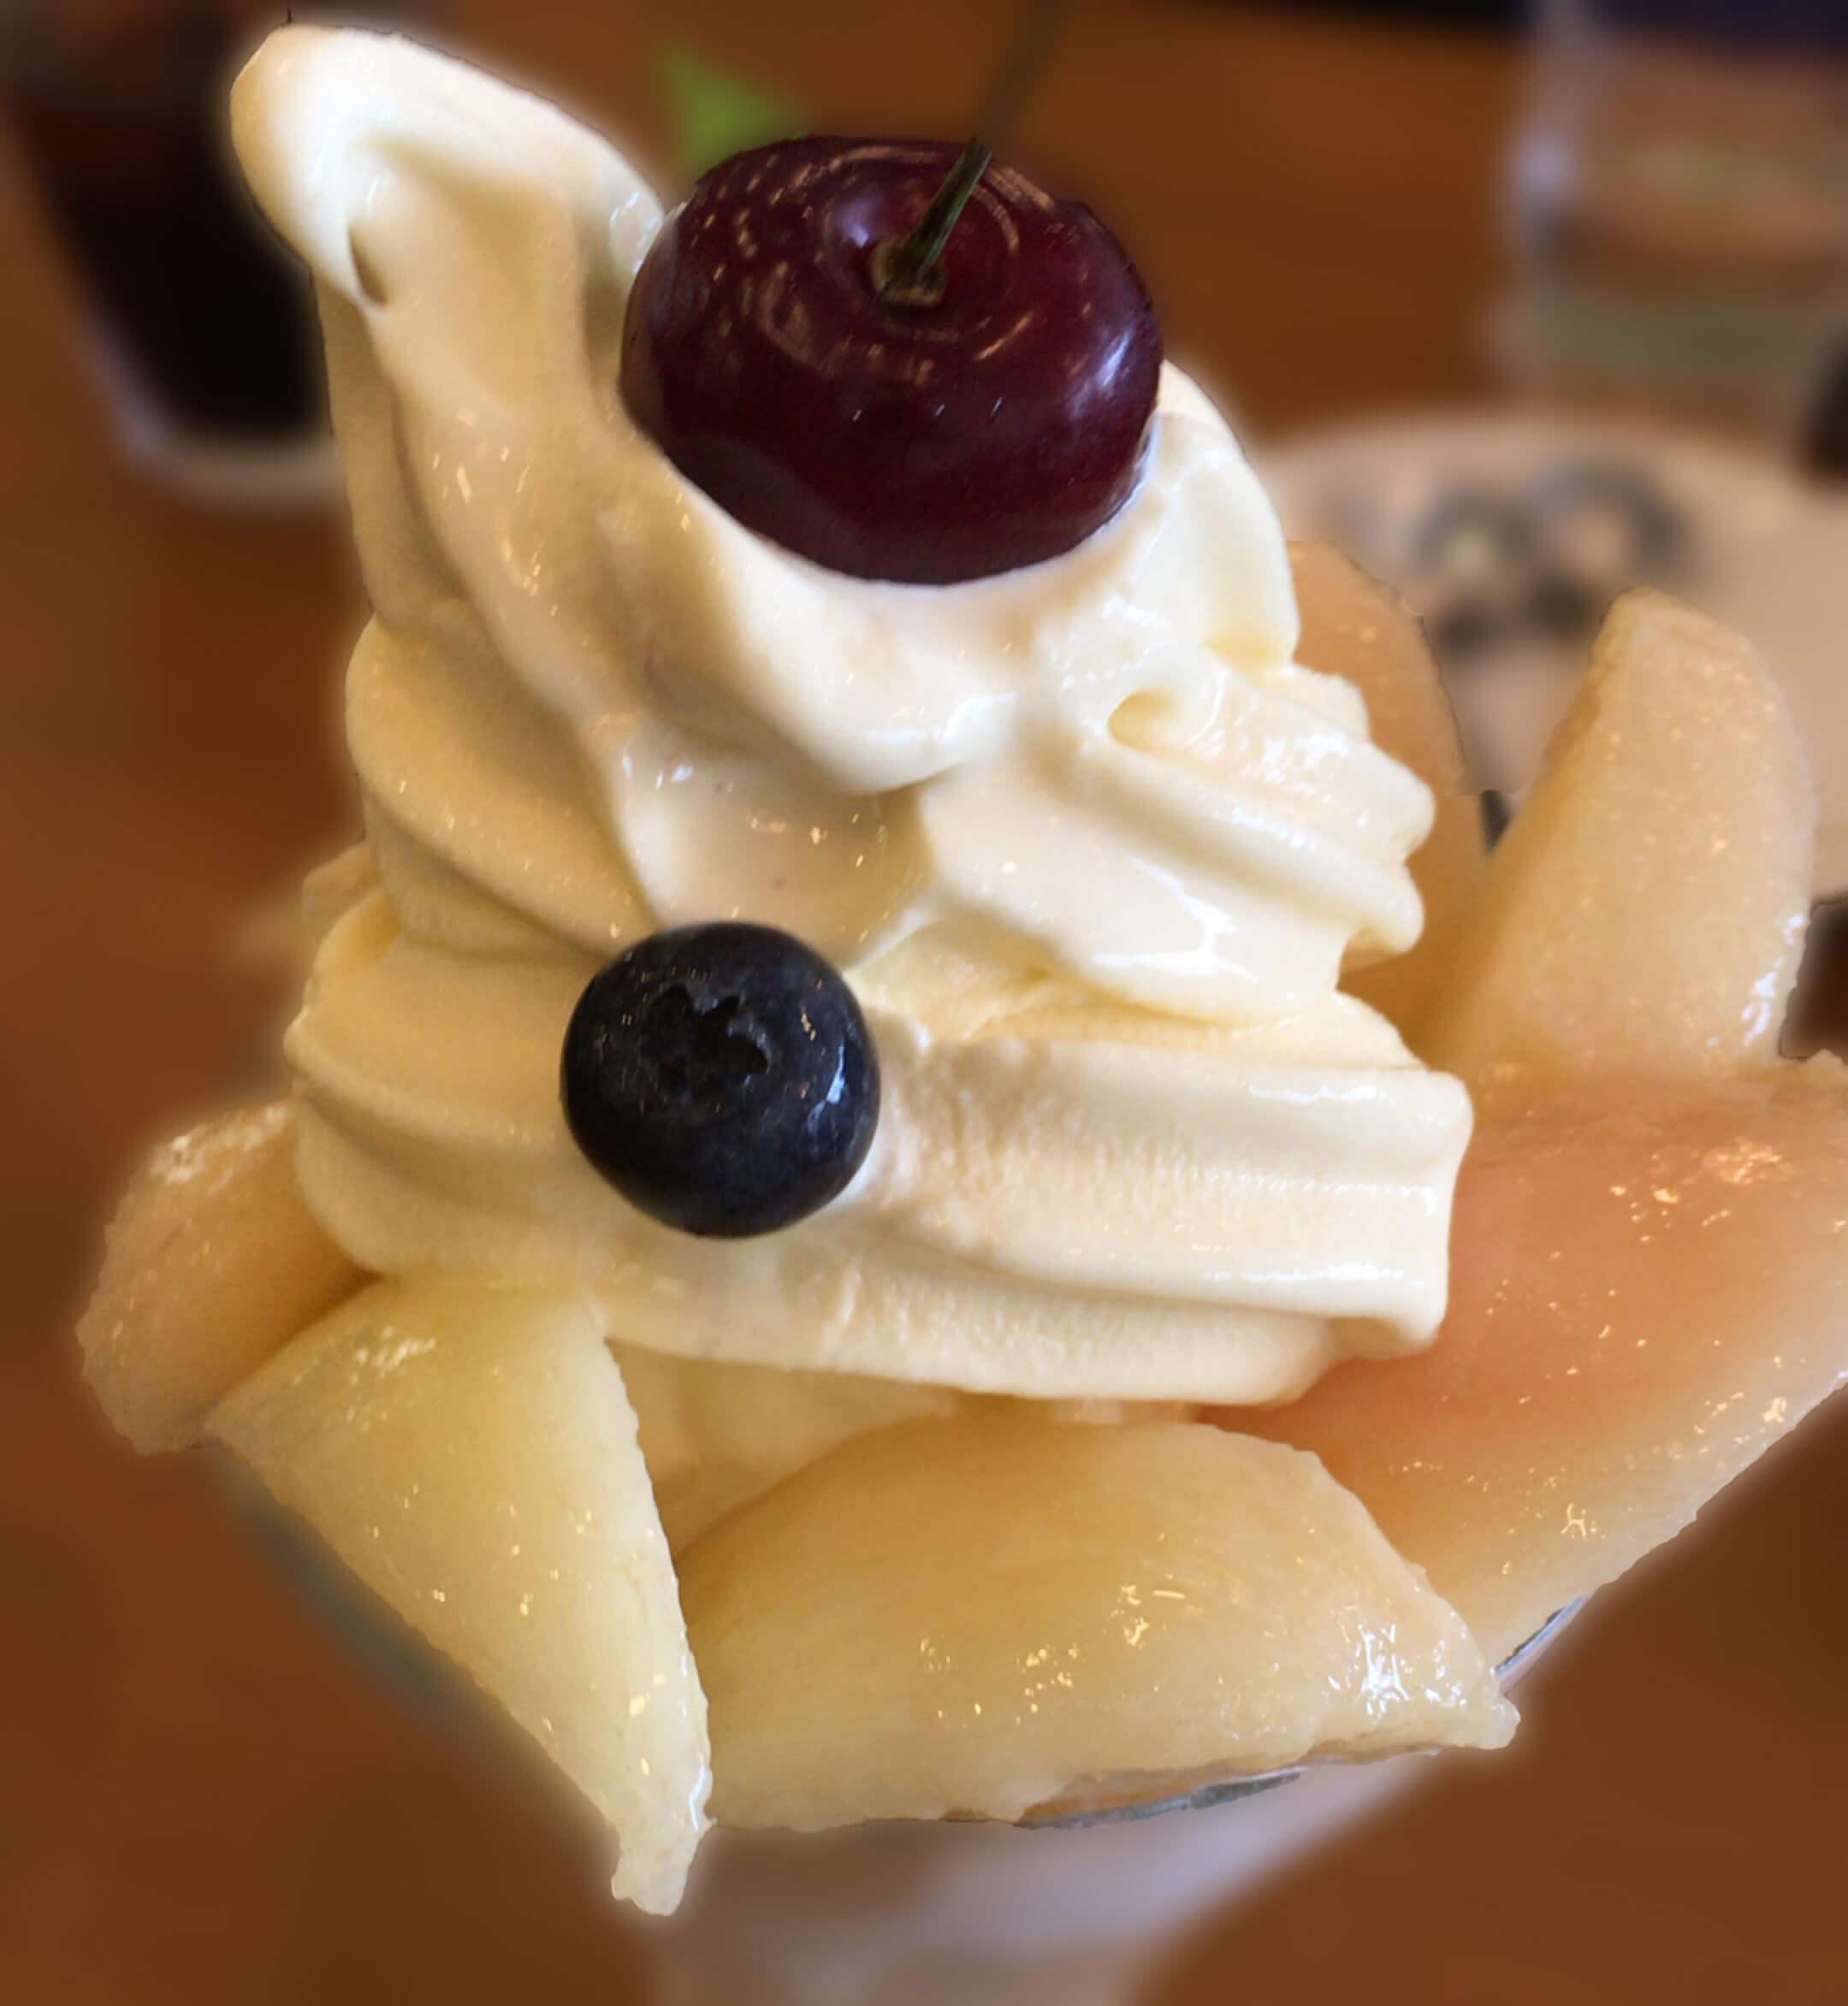 7月限定!ひと味違う水蜜桃たっぷりのパフェをゲットせよ! @フルーツパーラーむらはた